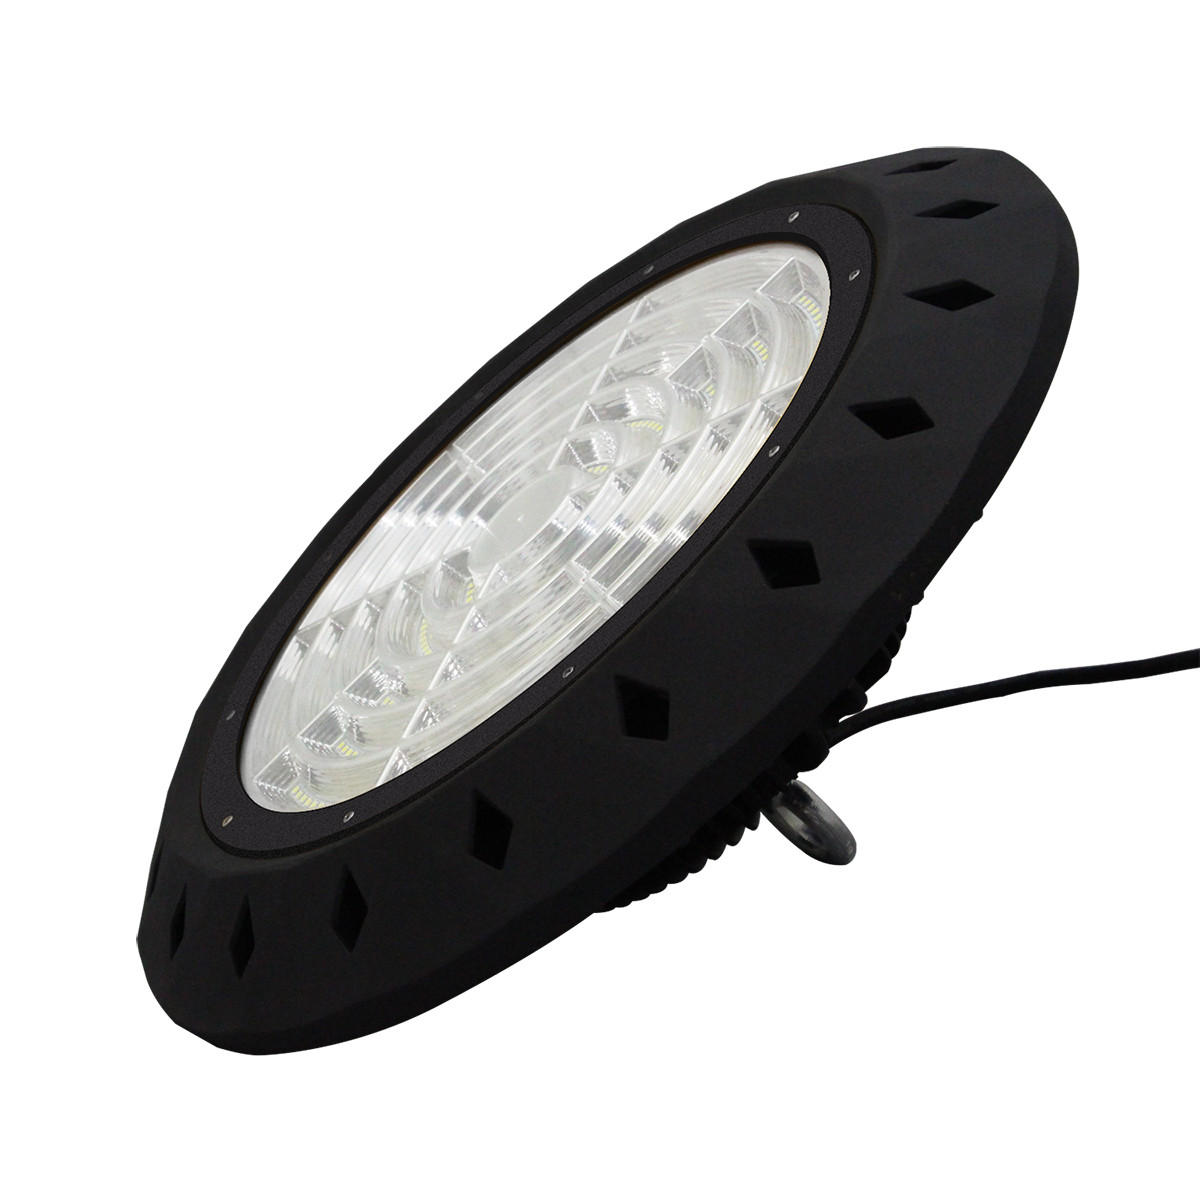 LED UFO High Bay 100W - Aigi - Magazijnverlichting - Waterdicht IP65 - Helder/Koud Wit 5700K - Alumi